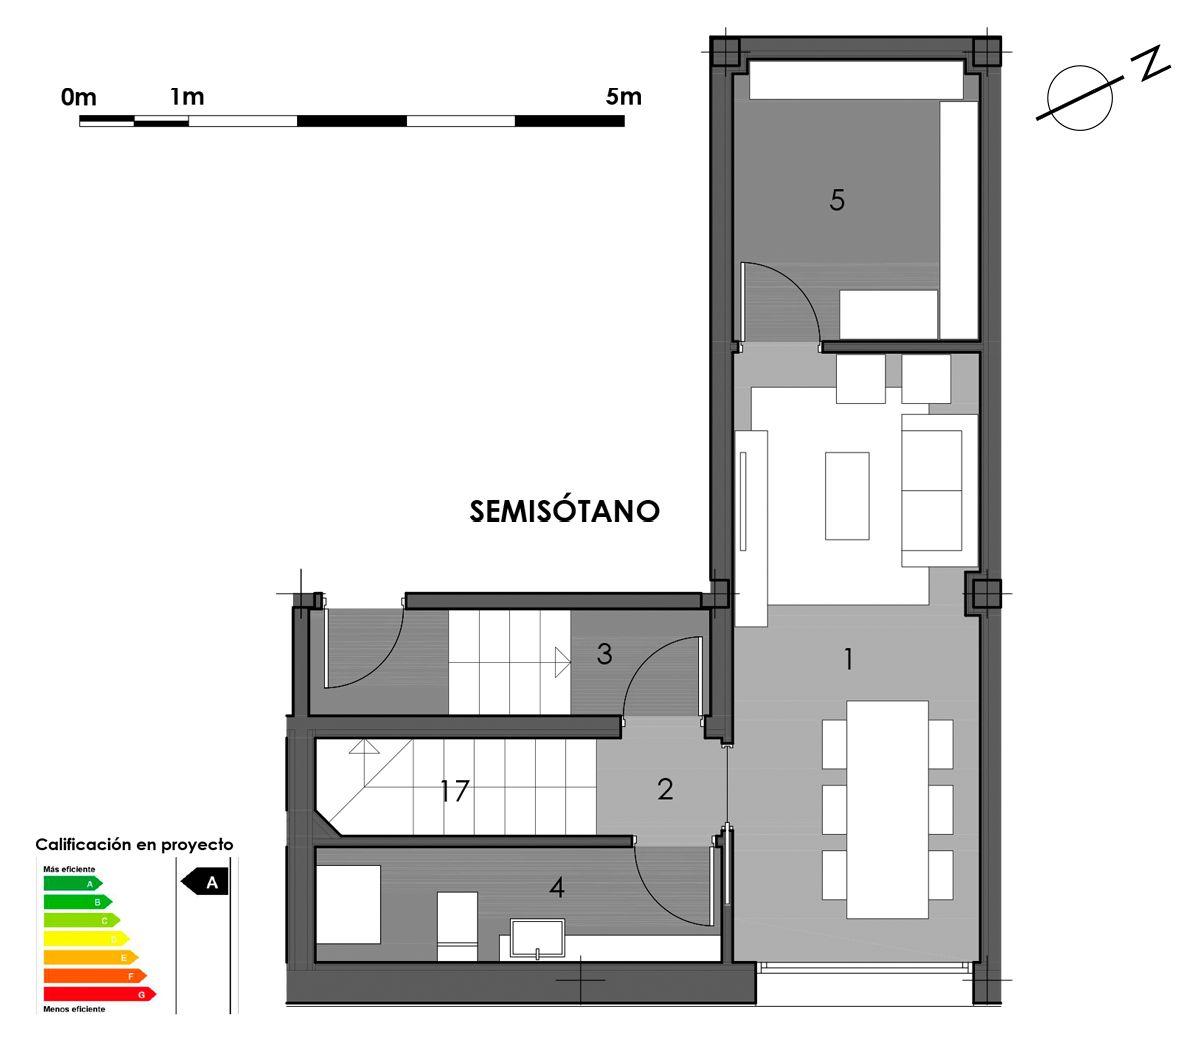 plano semisótano vivienda 7 con opción aseo en bodega